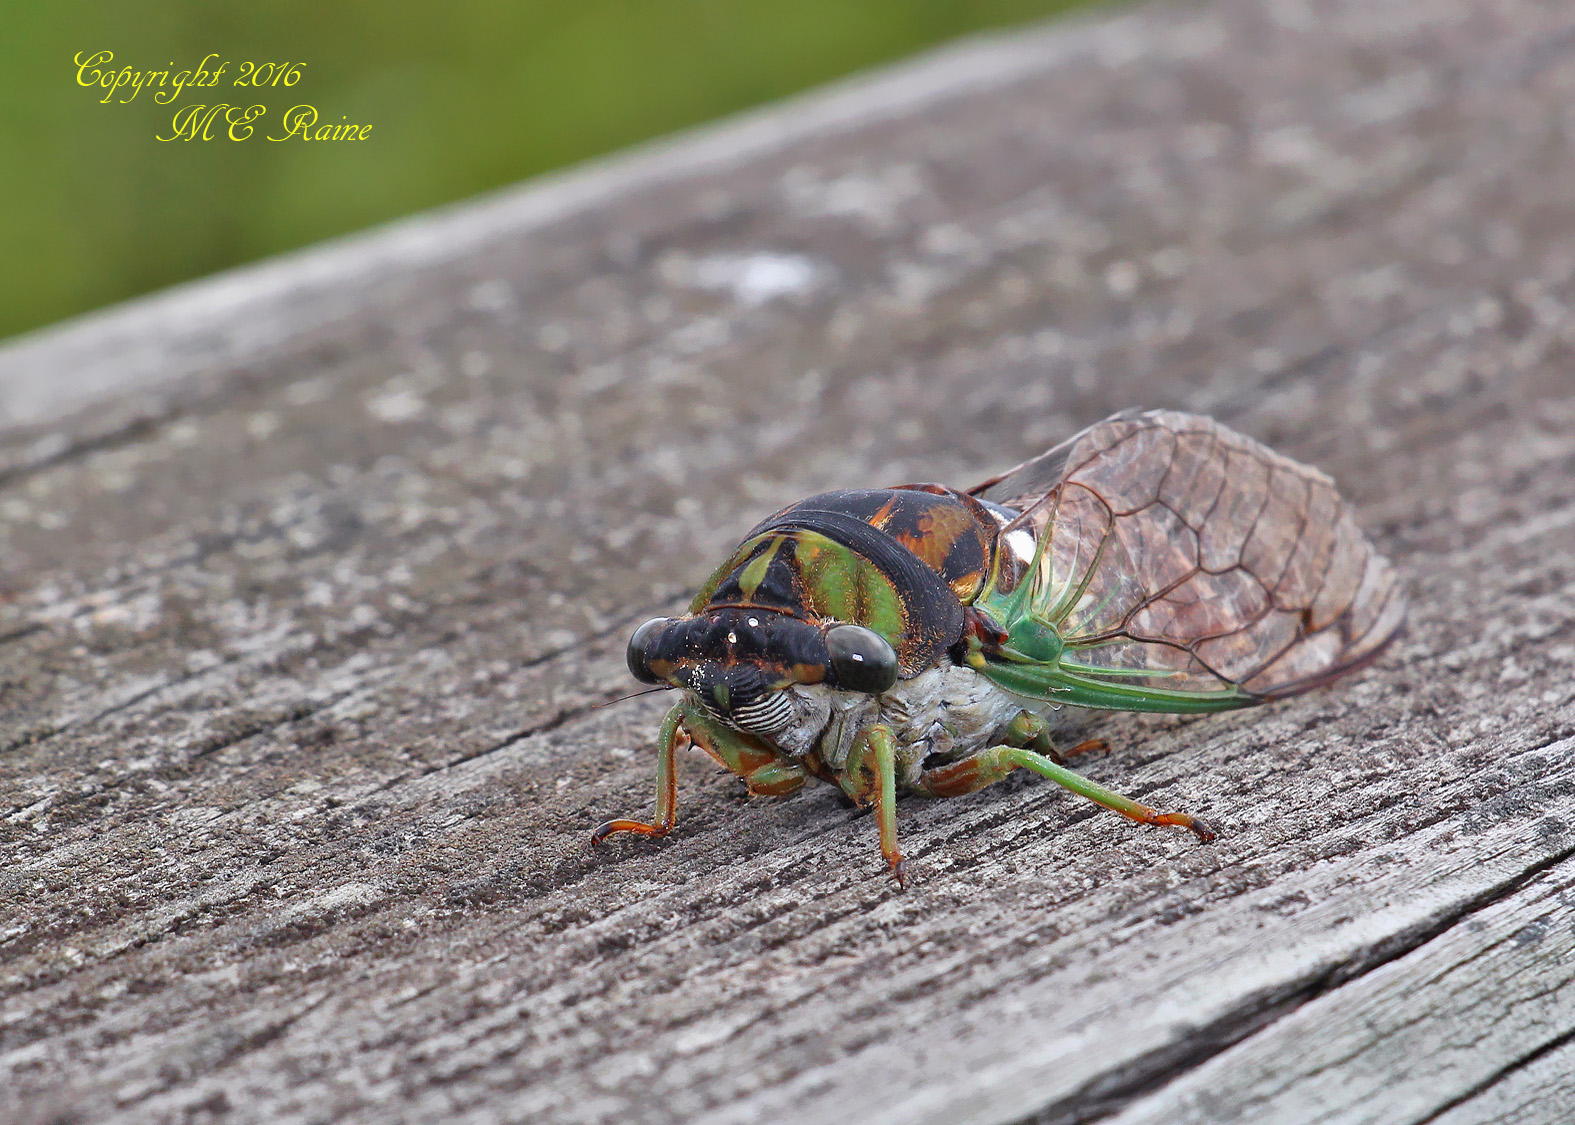 Cicada Dogday Harvestfly 001bf MCM Mdwlnds NJ 090316 OK FLICKR